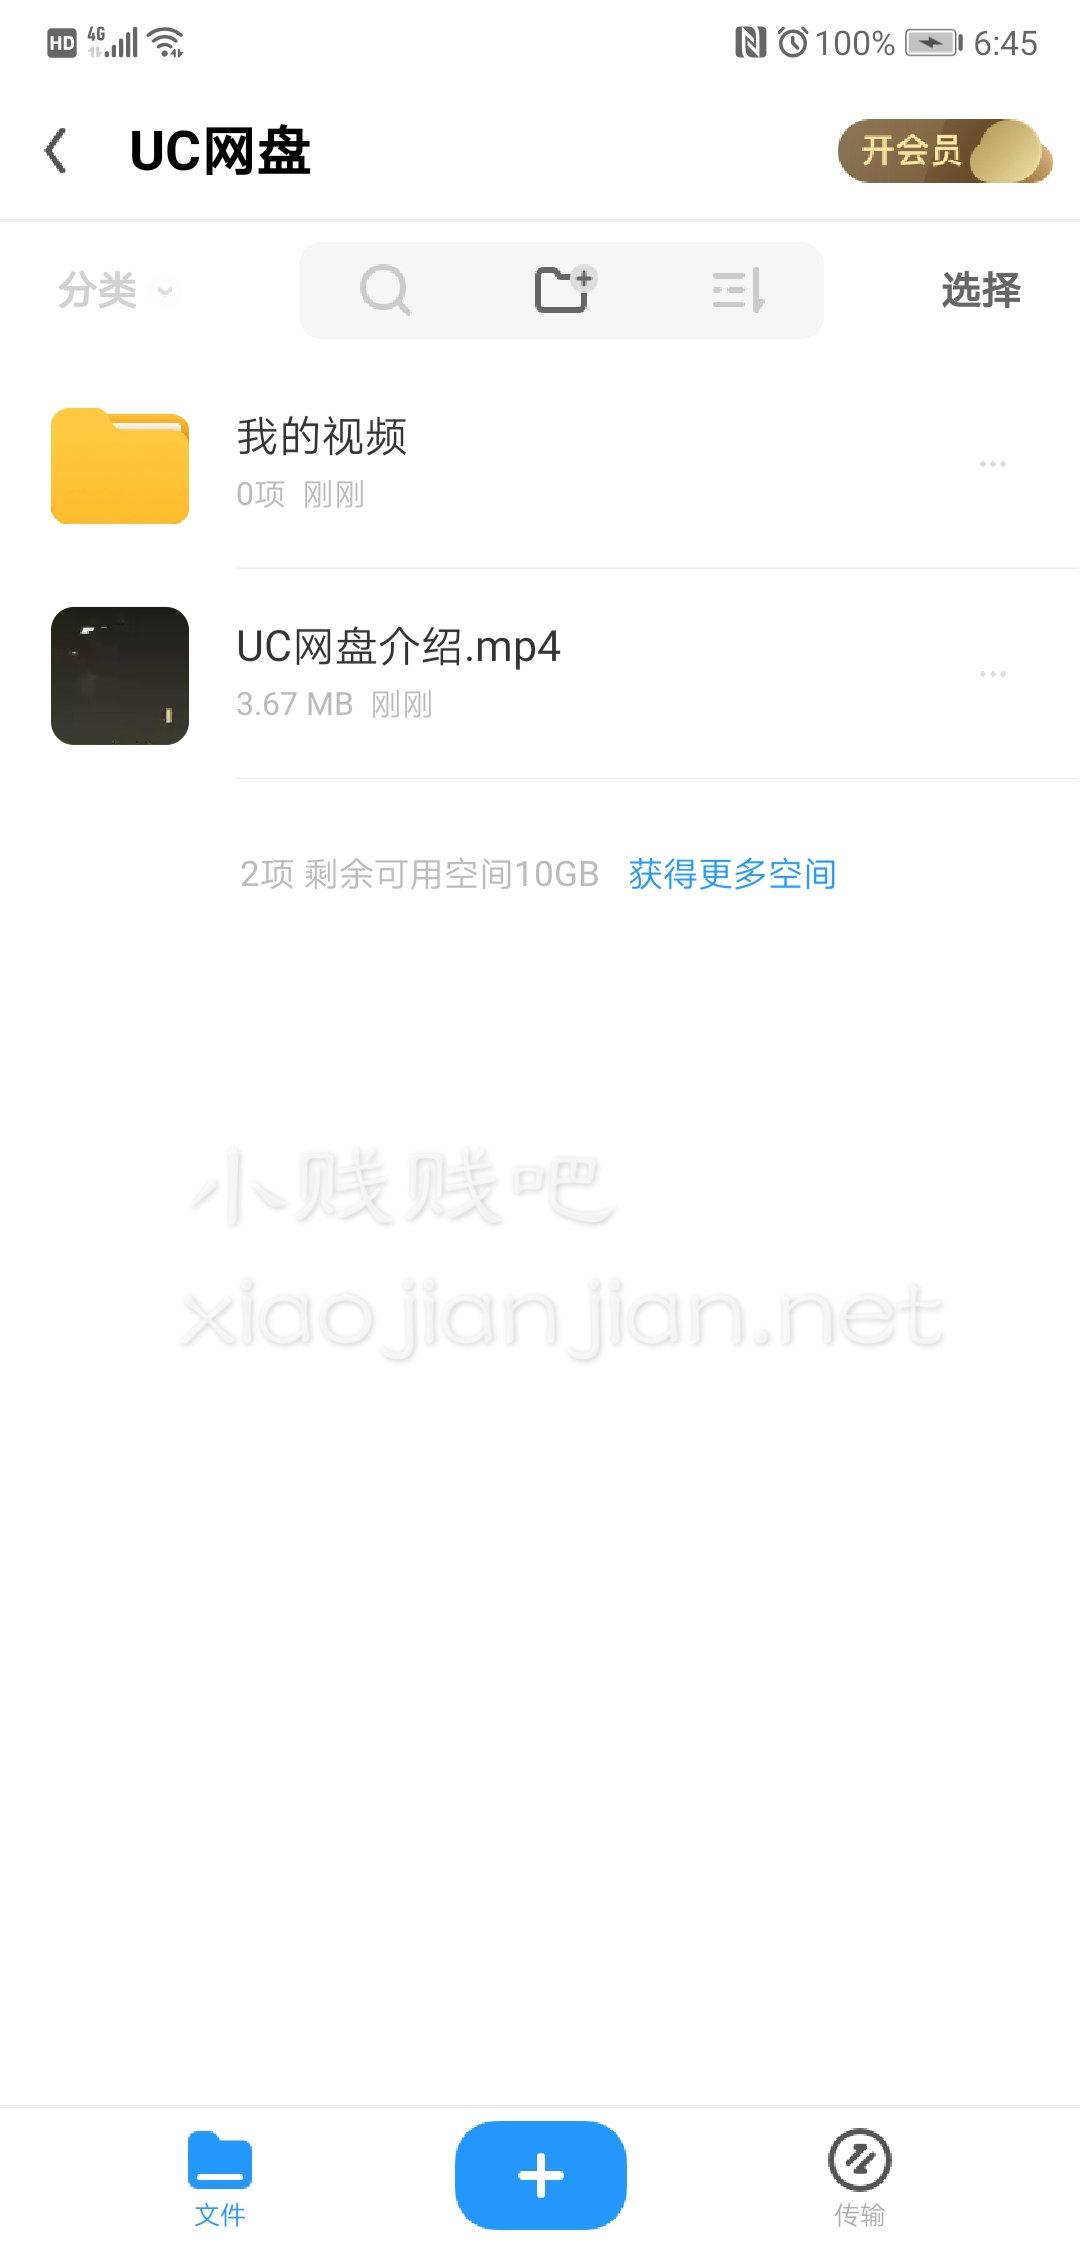 http://tva1.sinaimg.cn/large/0060lm7Tly1g2vfpdo293j30u01qc43i.jpg